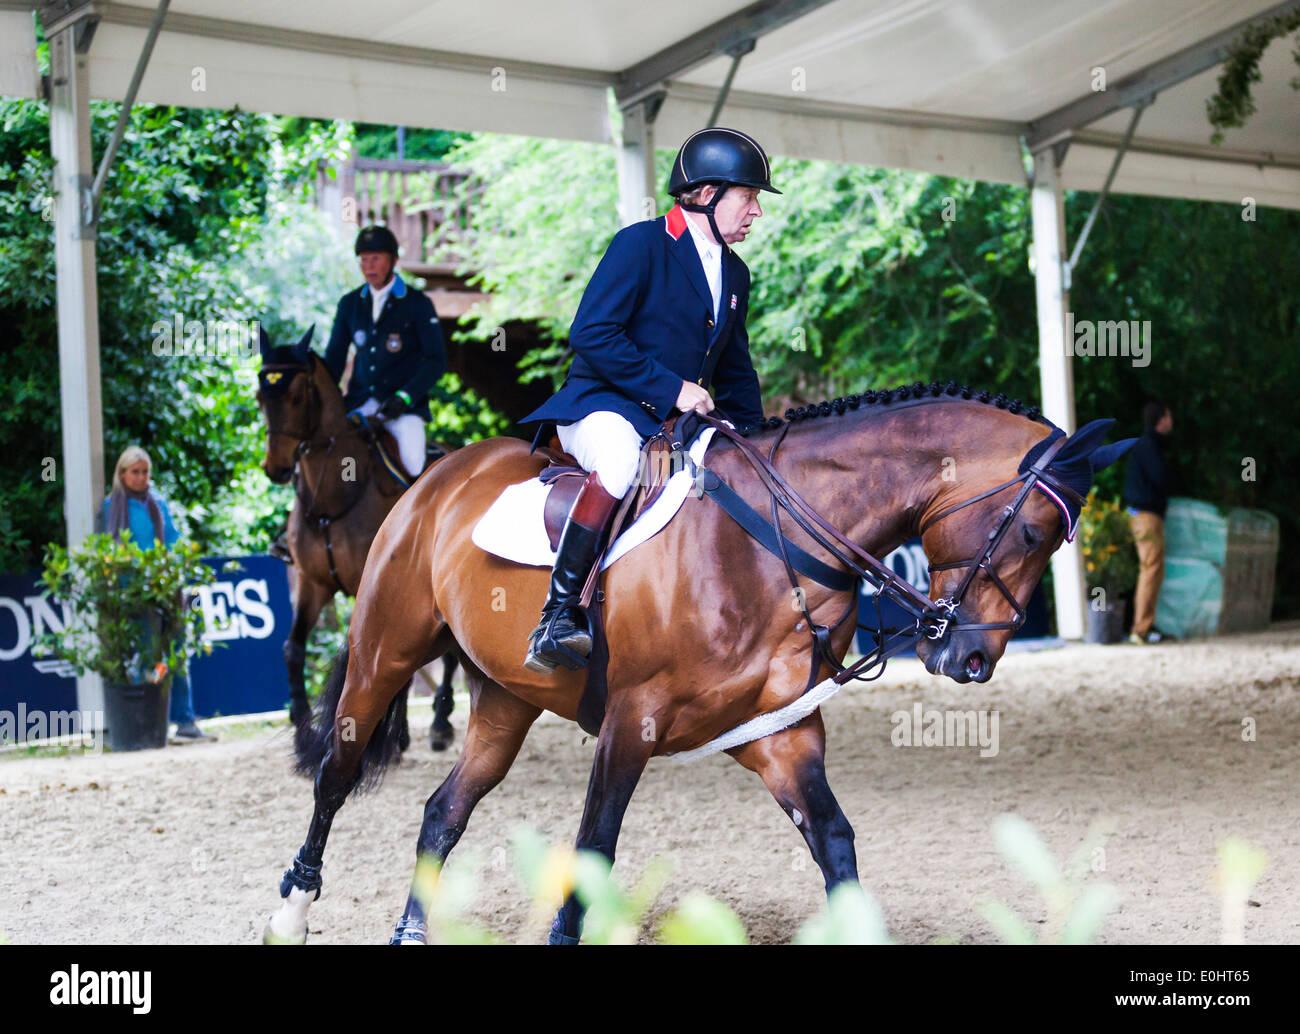 Ecuestre olímpico británico Nick Skelton ejercer su caballo Big Star en el ejercicio derramada en el evento hípico de Roma, 2013. Imagen De Stock